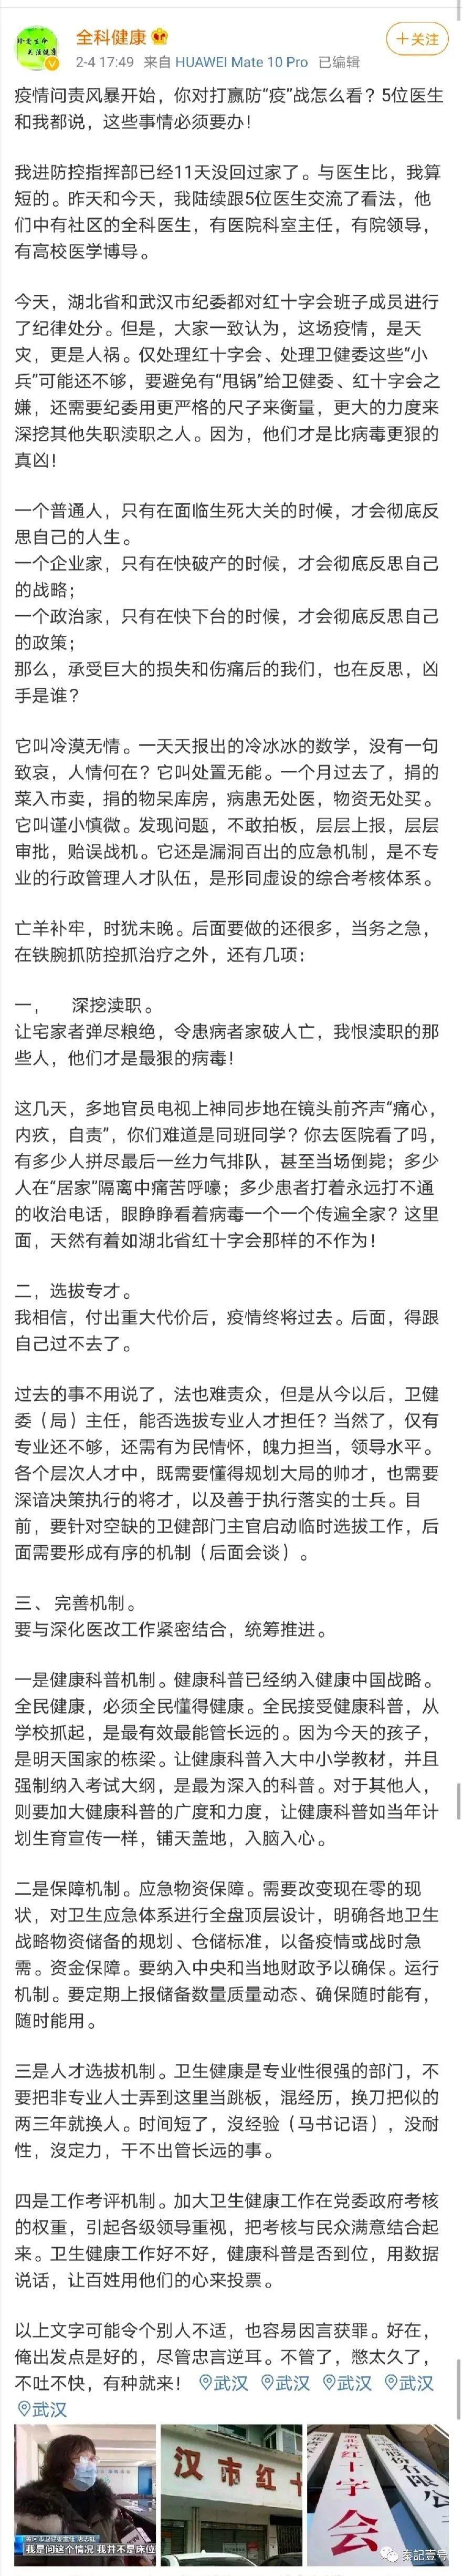 湖北省卫健委官员直言,疫情是天灾,更是人祸!